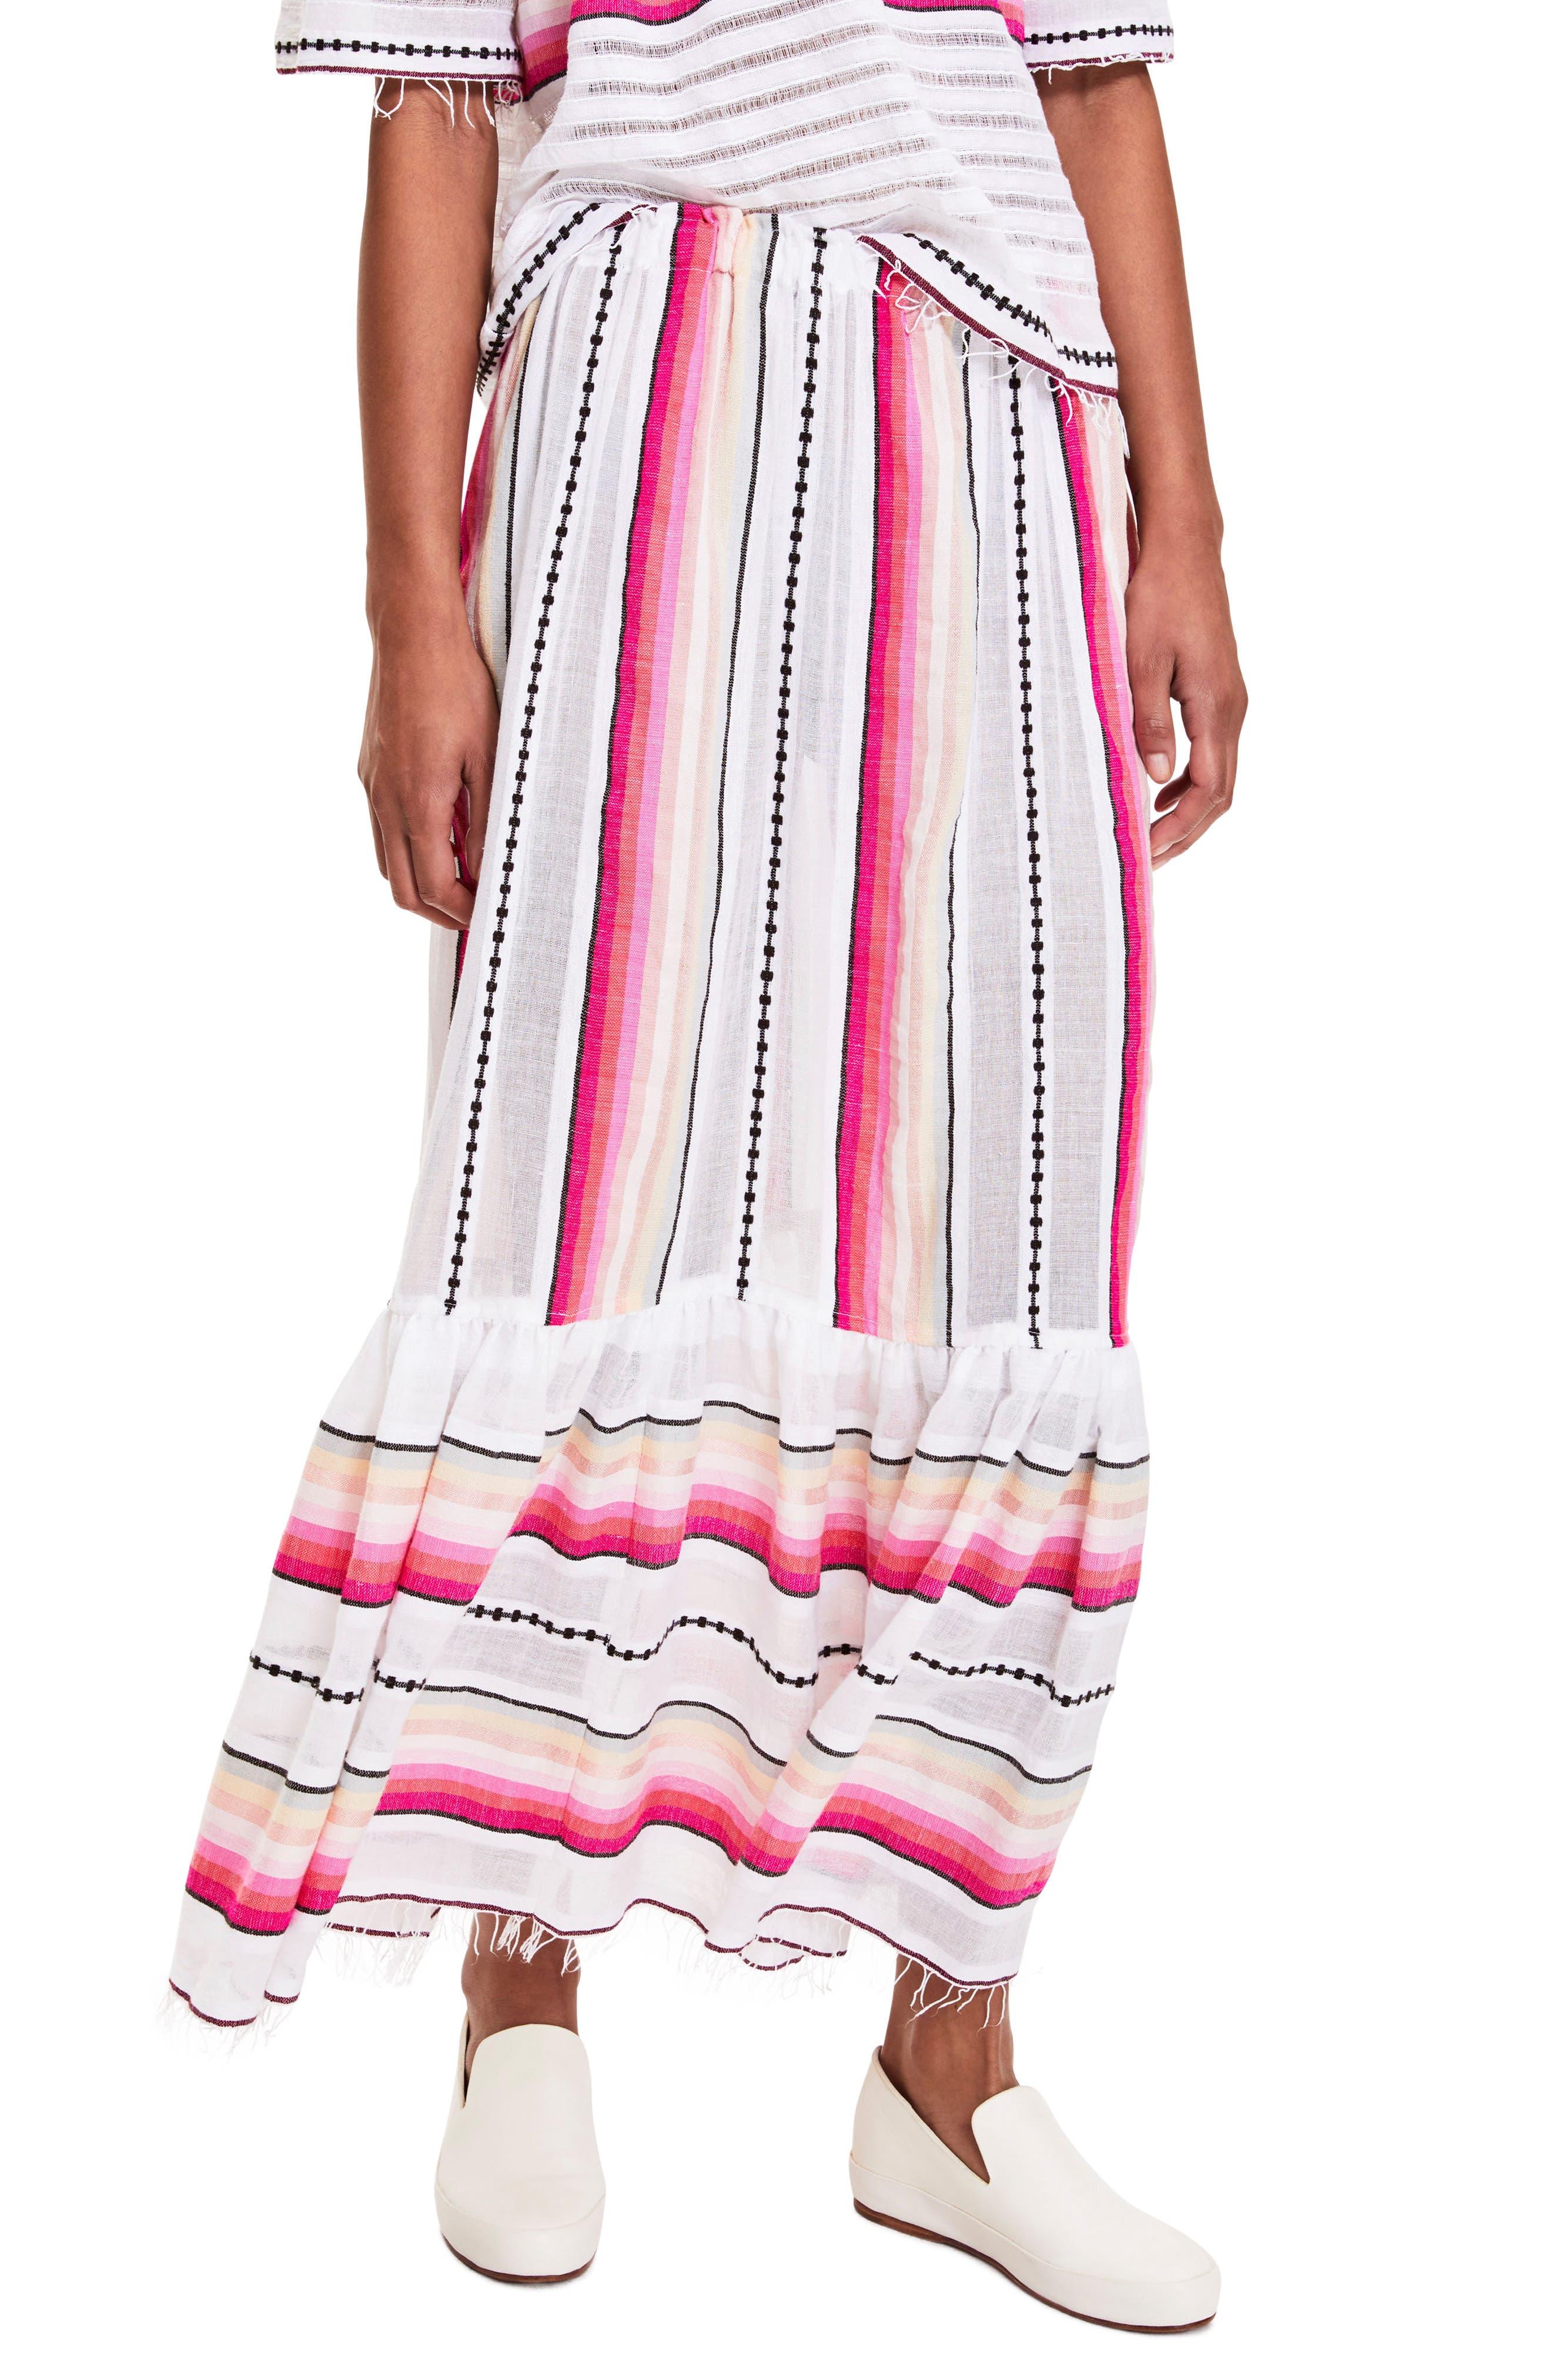 Adia Convertible Cover-Up Skirt,                             Main thumbnail 1, color,                             100